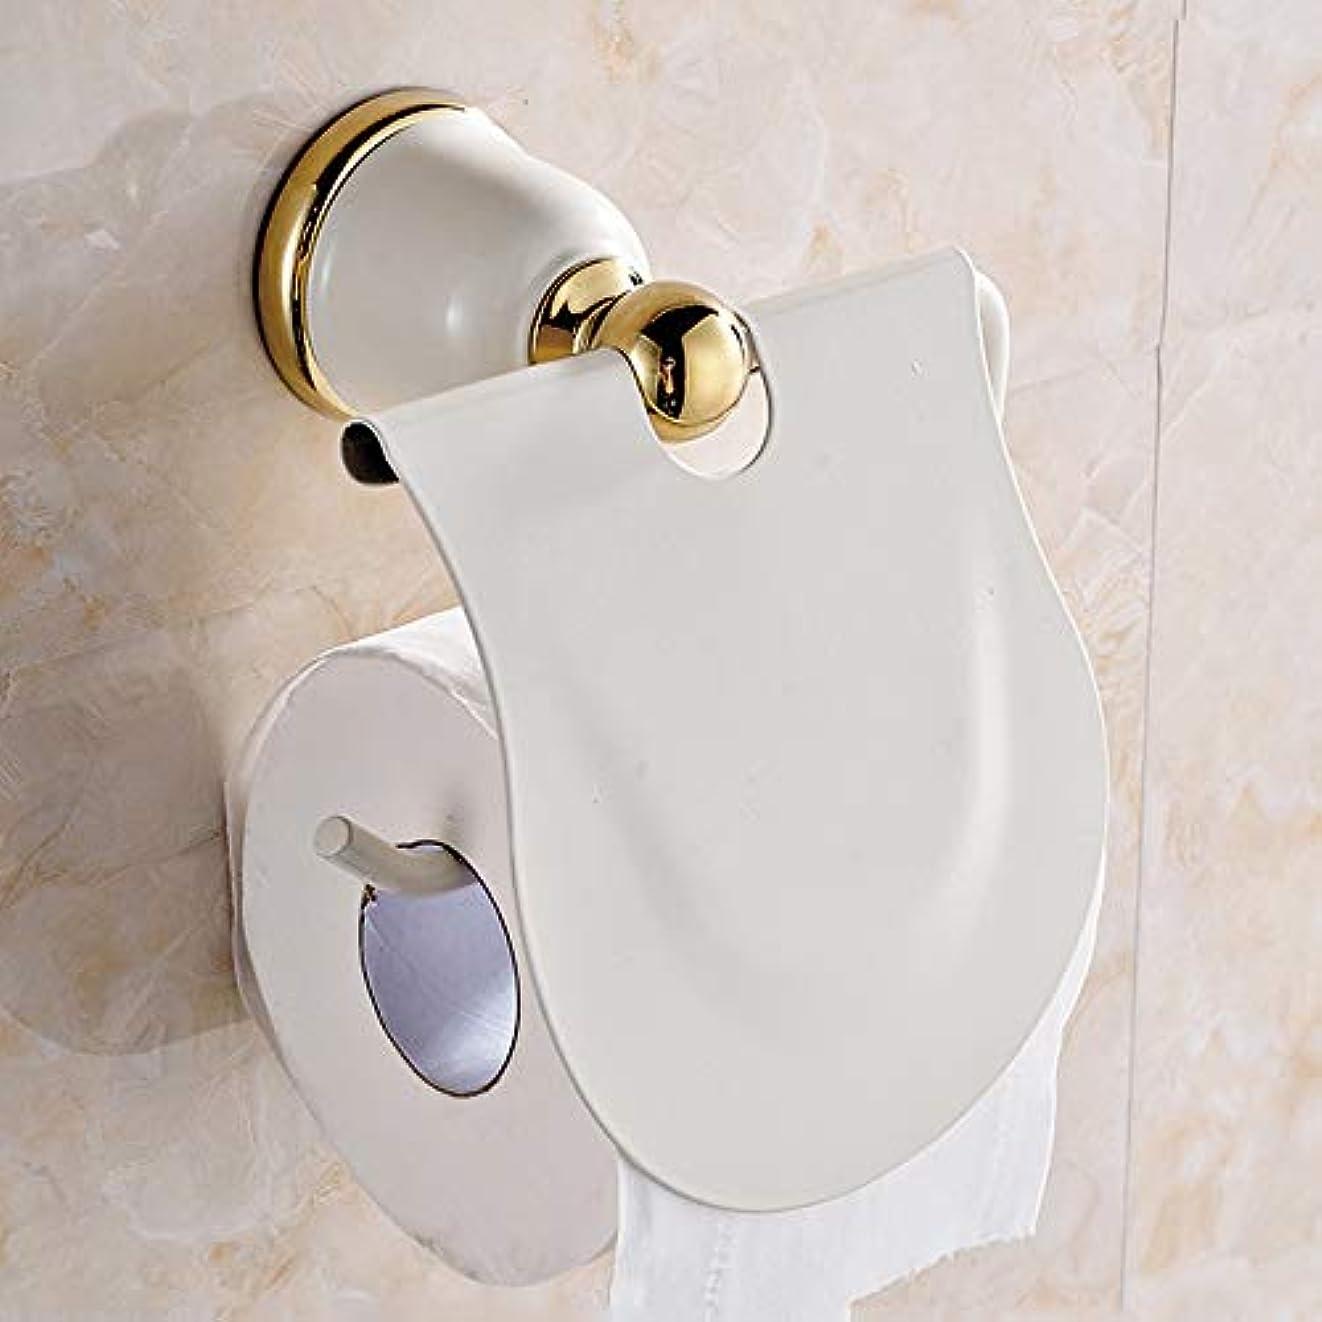 動的有名同様のZZLX 紙タオルホルダー、ヨーロピアンパストラルライスホワイトペイントロールカートントイレットペーパーホルダーゴールドアンティークティッシュボックスバスルームペンダント ロングハンドル風呂ブラシ (色 : ゴールド)